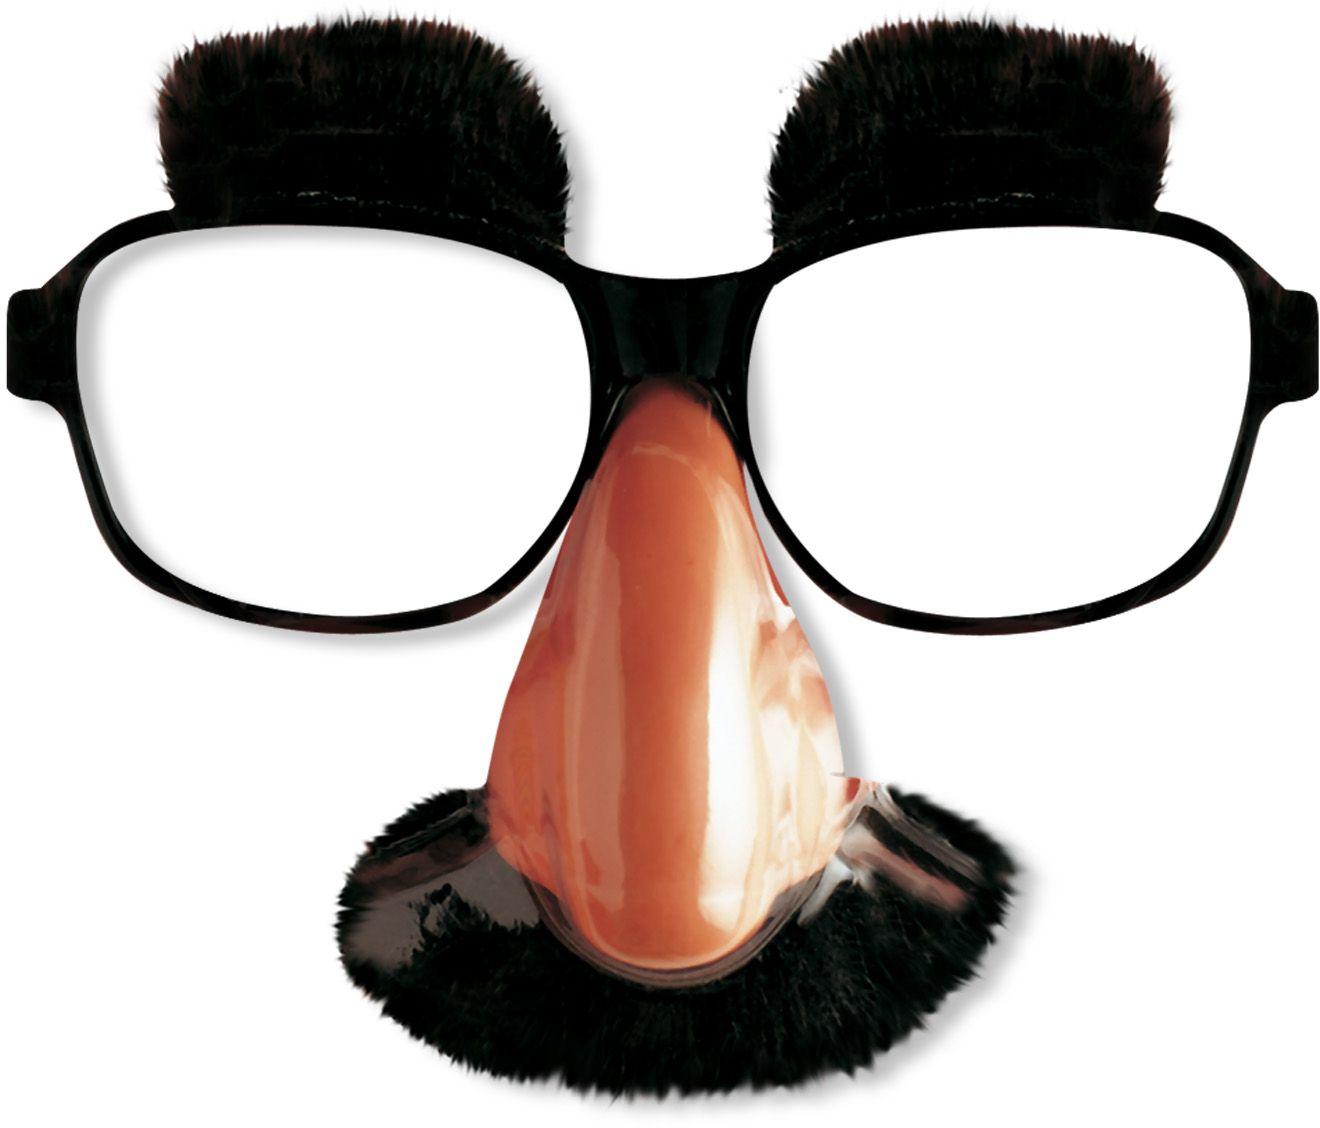 Klassieke bril met neus, snor en wenkbrauwen